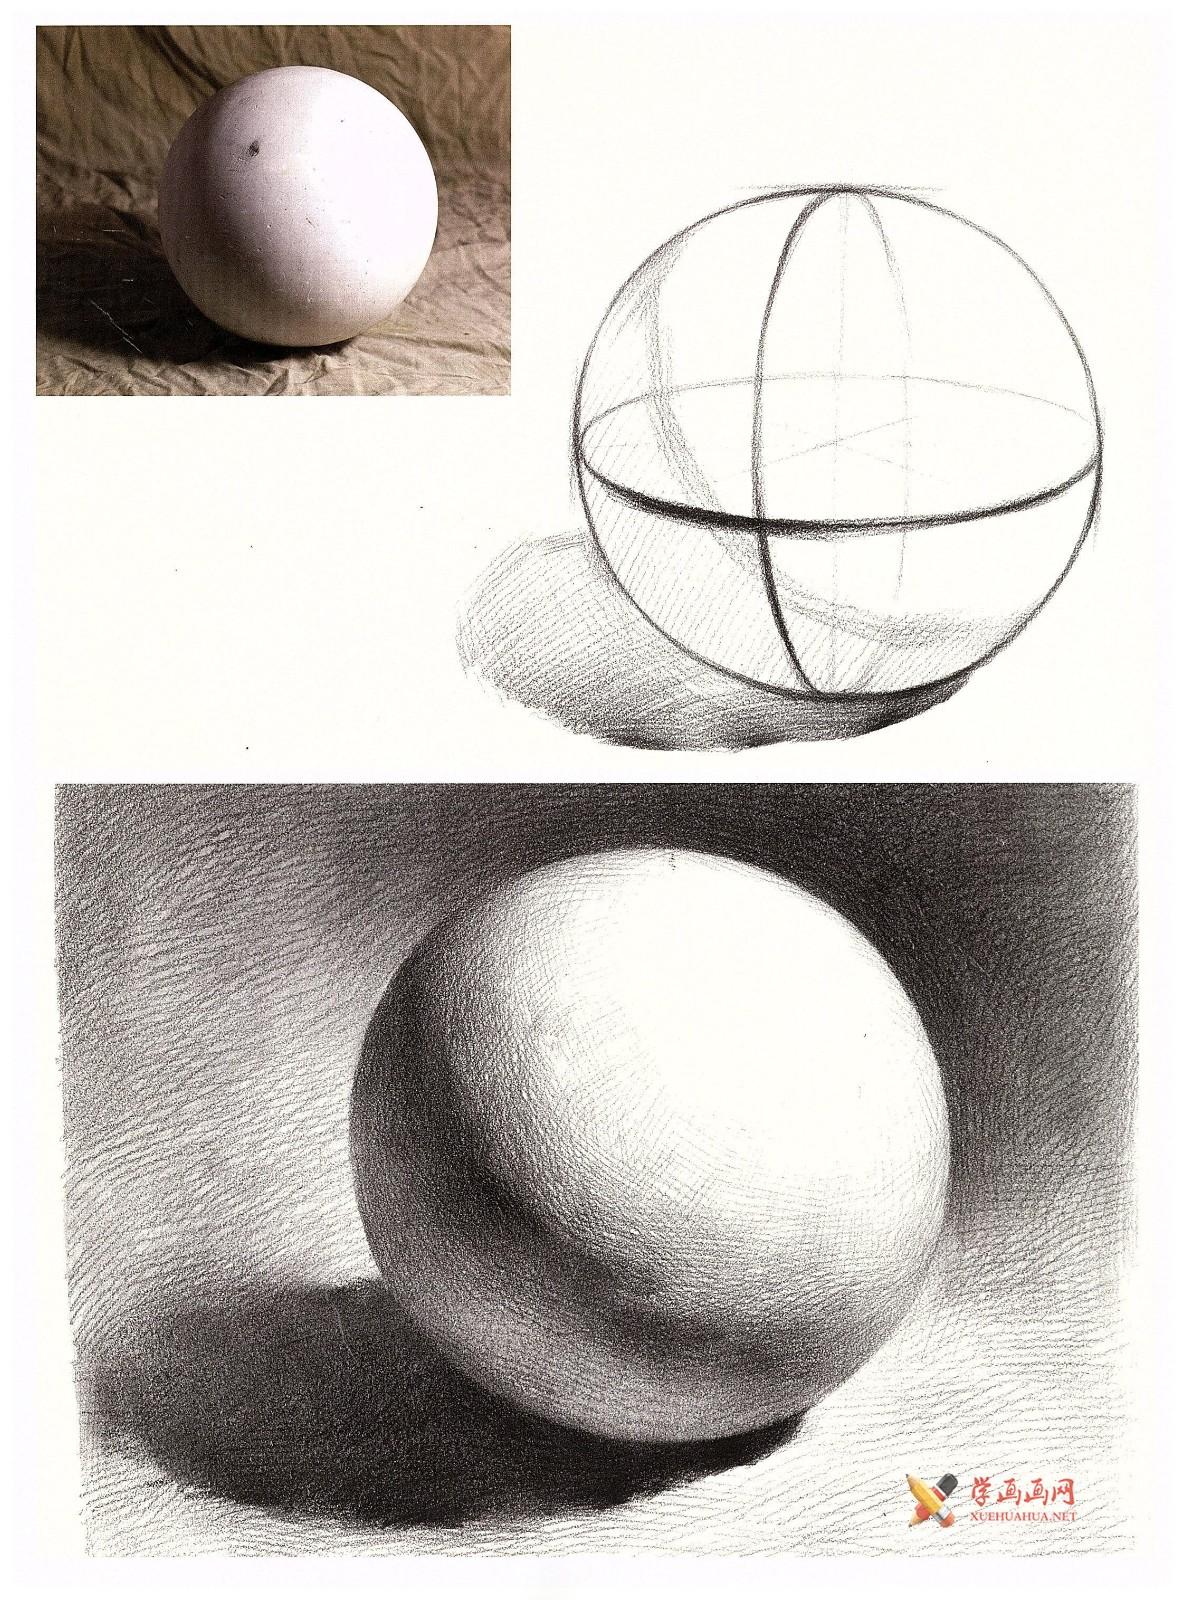 素描几何体_素描石膏球体的画法资料图片步骤解析(5)